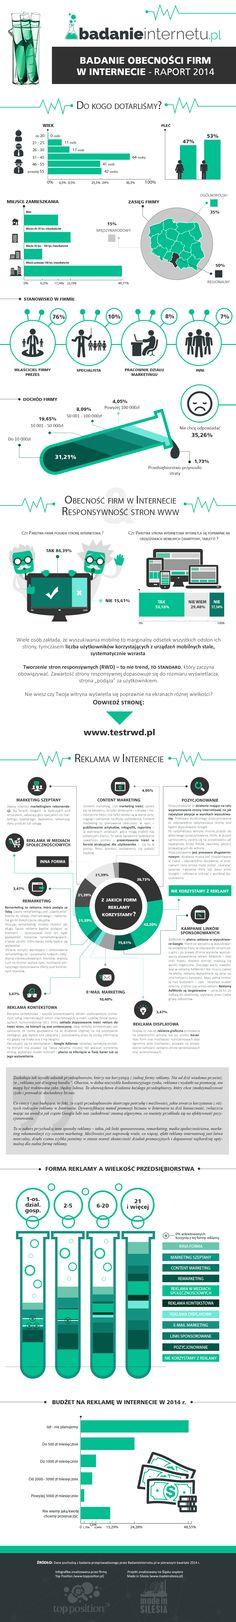 Infografika dot. raportu z badania obecności polskich firm w internecie 2014 przeprowadzonego przez badanieinternetu.pl przy współpracy z Top Position i Made in Silesia